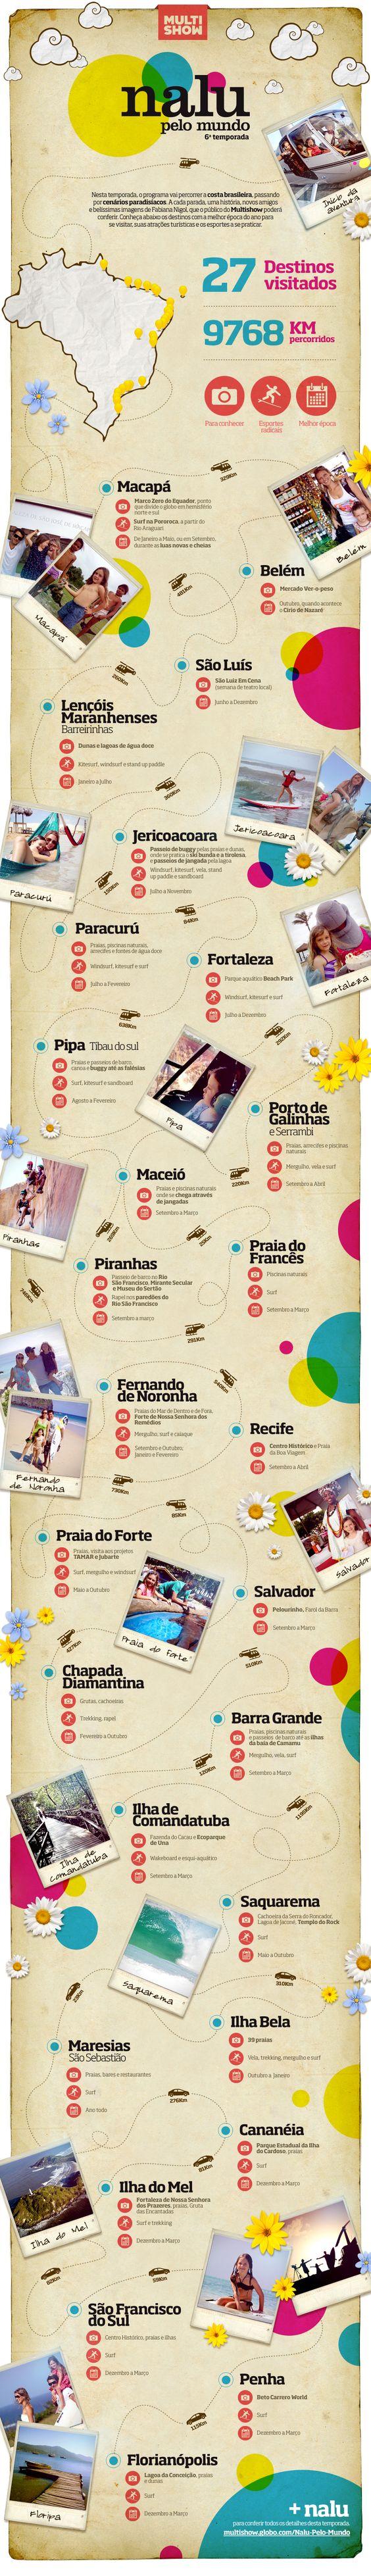 Infográfico criado pela Skidun para divulgar a estreia na nova temporada de Nalu Pelo Mundo, programa onde a pequena Nalu viajava para os mais diversos pontos turísticos, conhecendo lugares fantásticos.